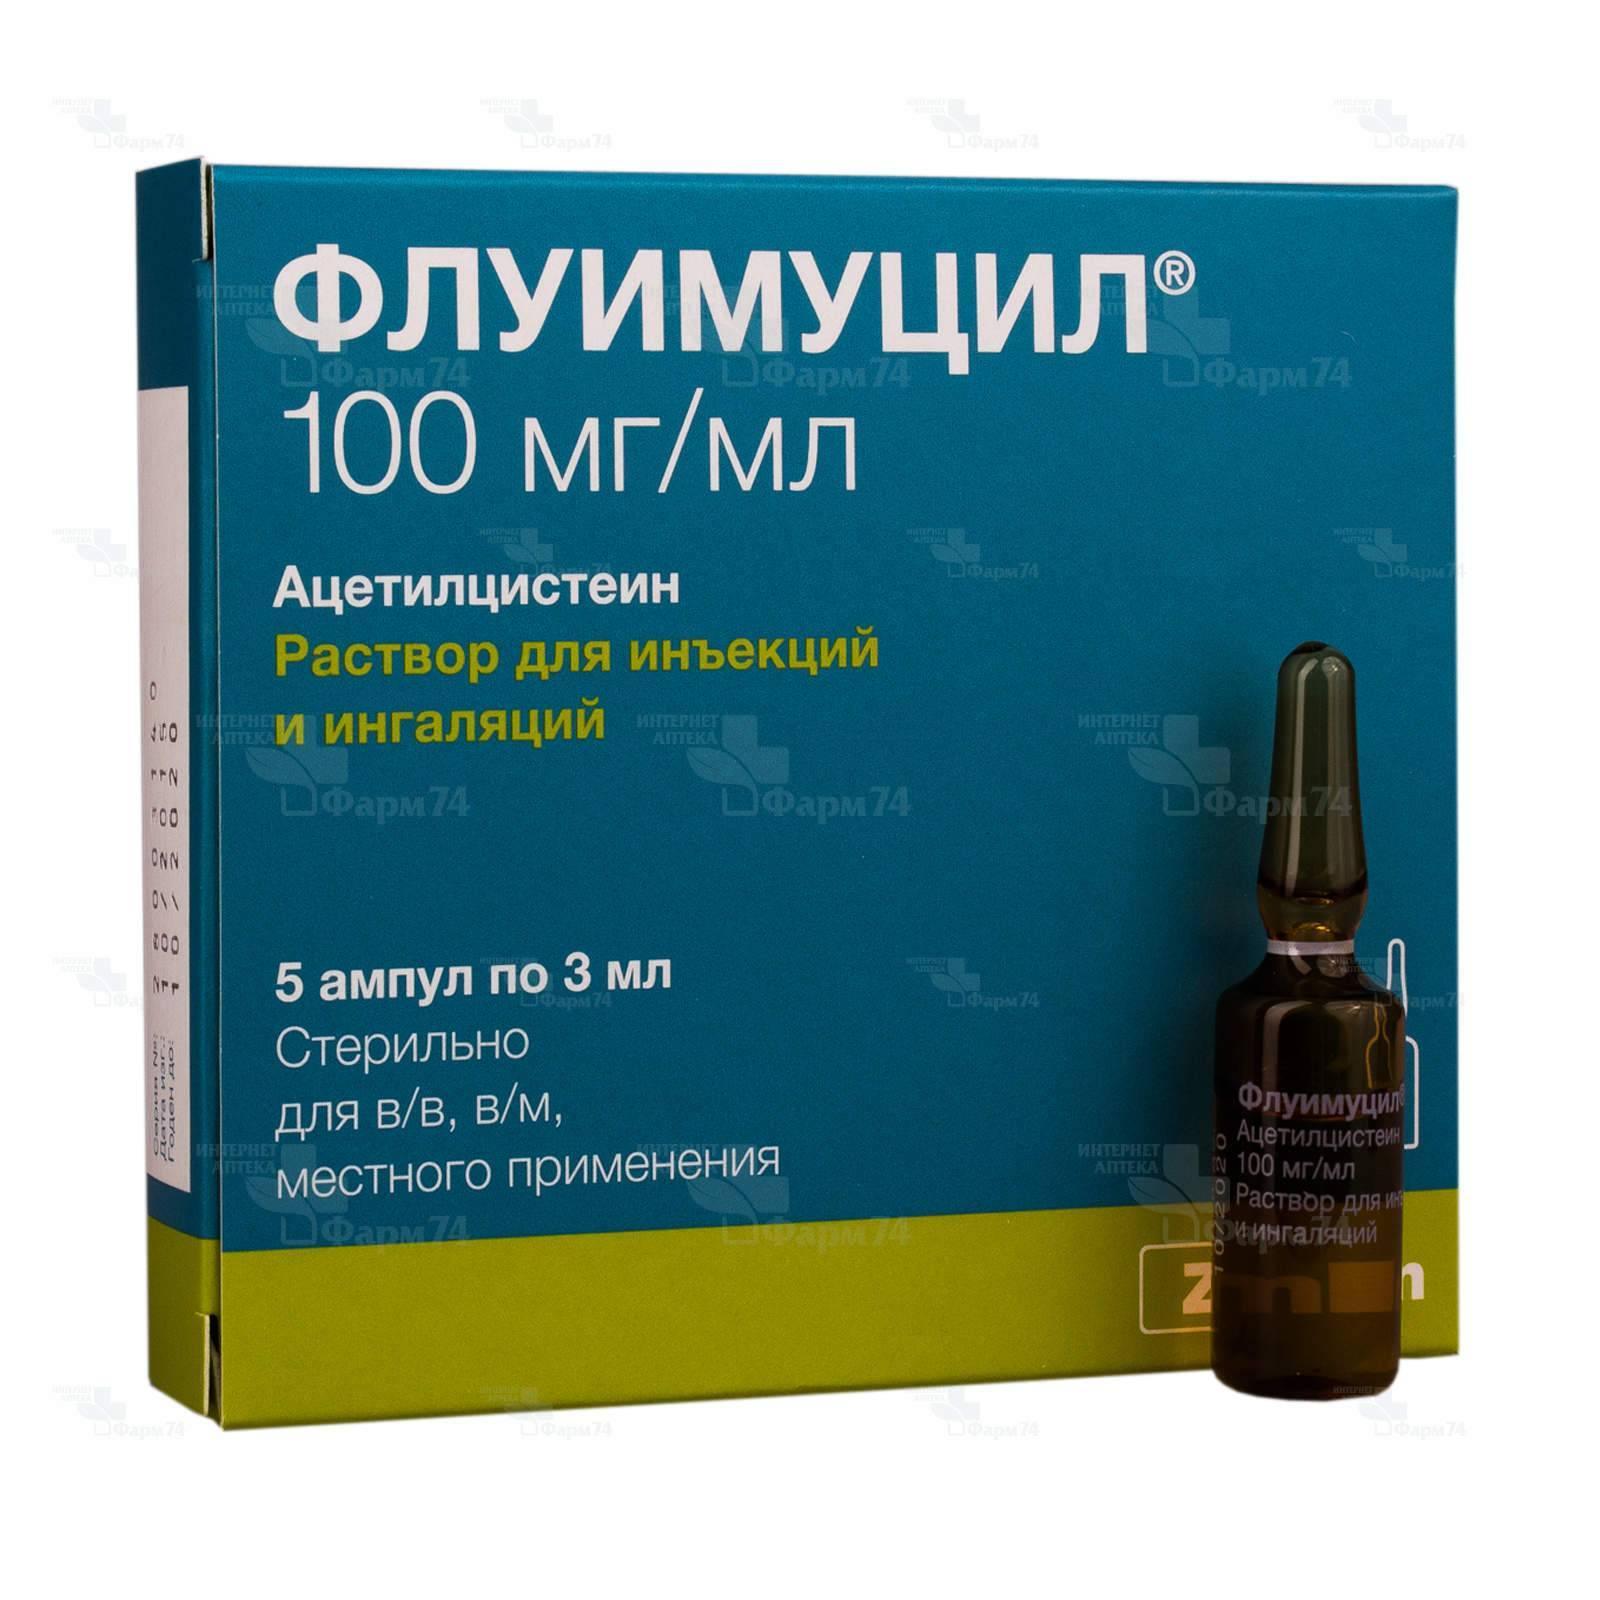 Флуимуцил-антибиотик ит для ингаляций: инструкция по применению и для чего он нужен, цена, отзывы,  аналоги